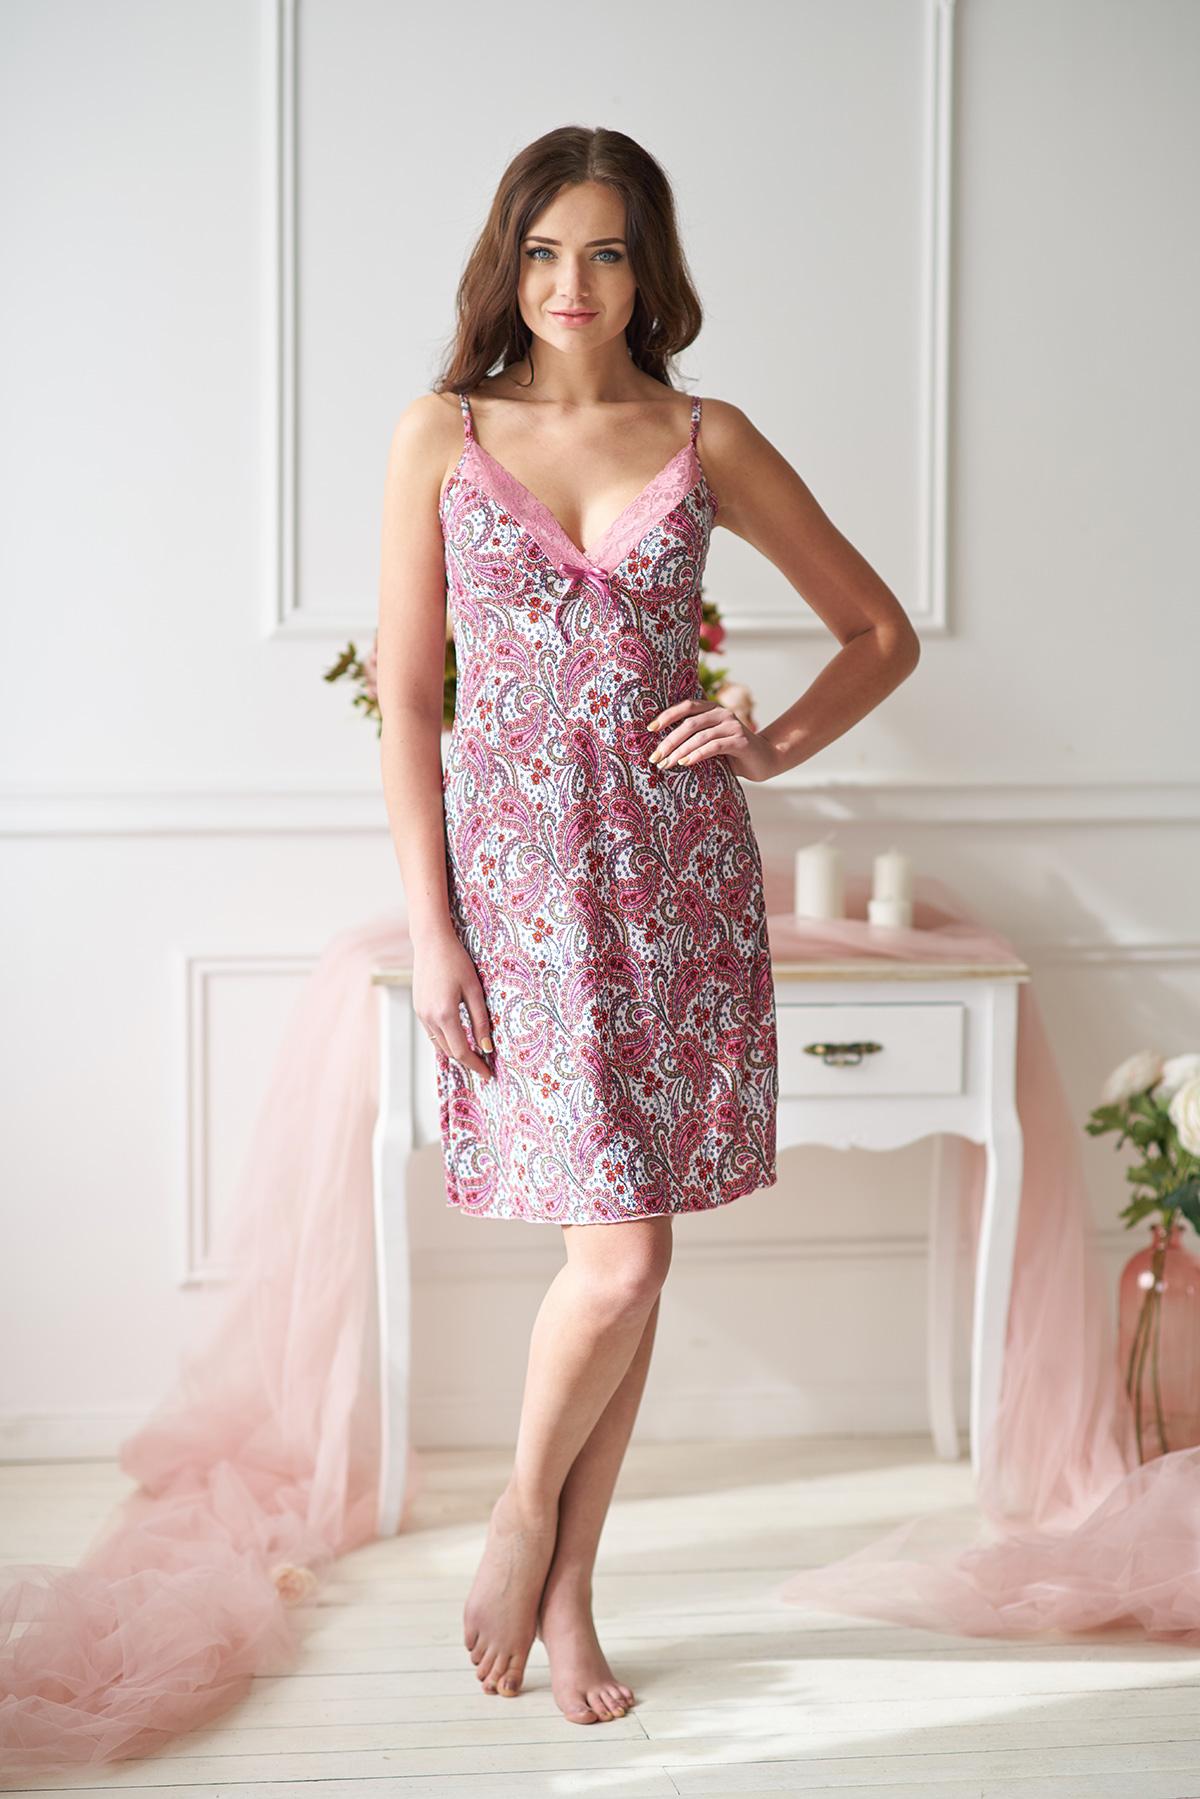 Жен. сорочка арт. 19-0014 Розовый р. 56Ночные сорочки<br>Факт. ОГ: 96 см <br>Факт. ОТ: 112 см <br>Факт. ОБ: 124 см <br>Длина по спинке: 79 см<br><br>Тип: Жен. сорочка<br>Размер: 56<br>Материал: Масло